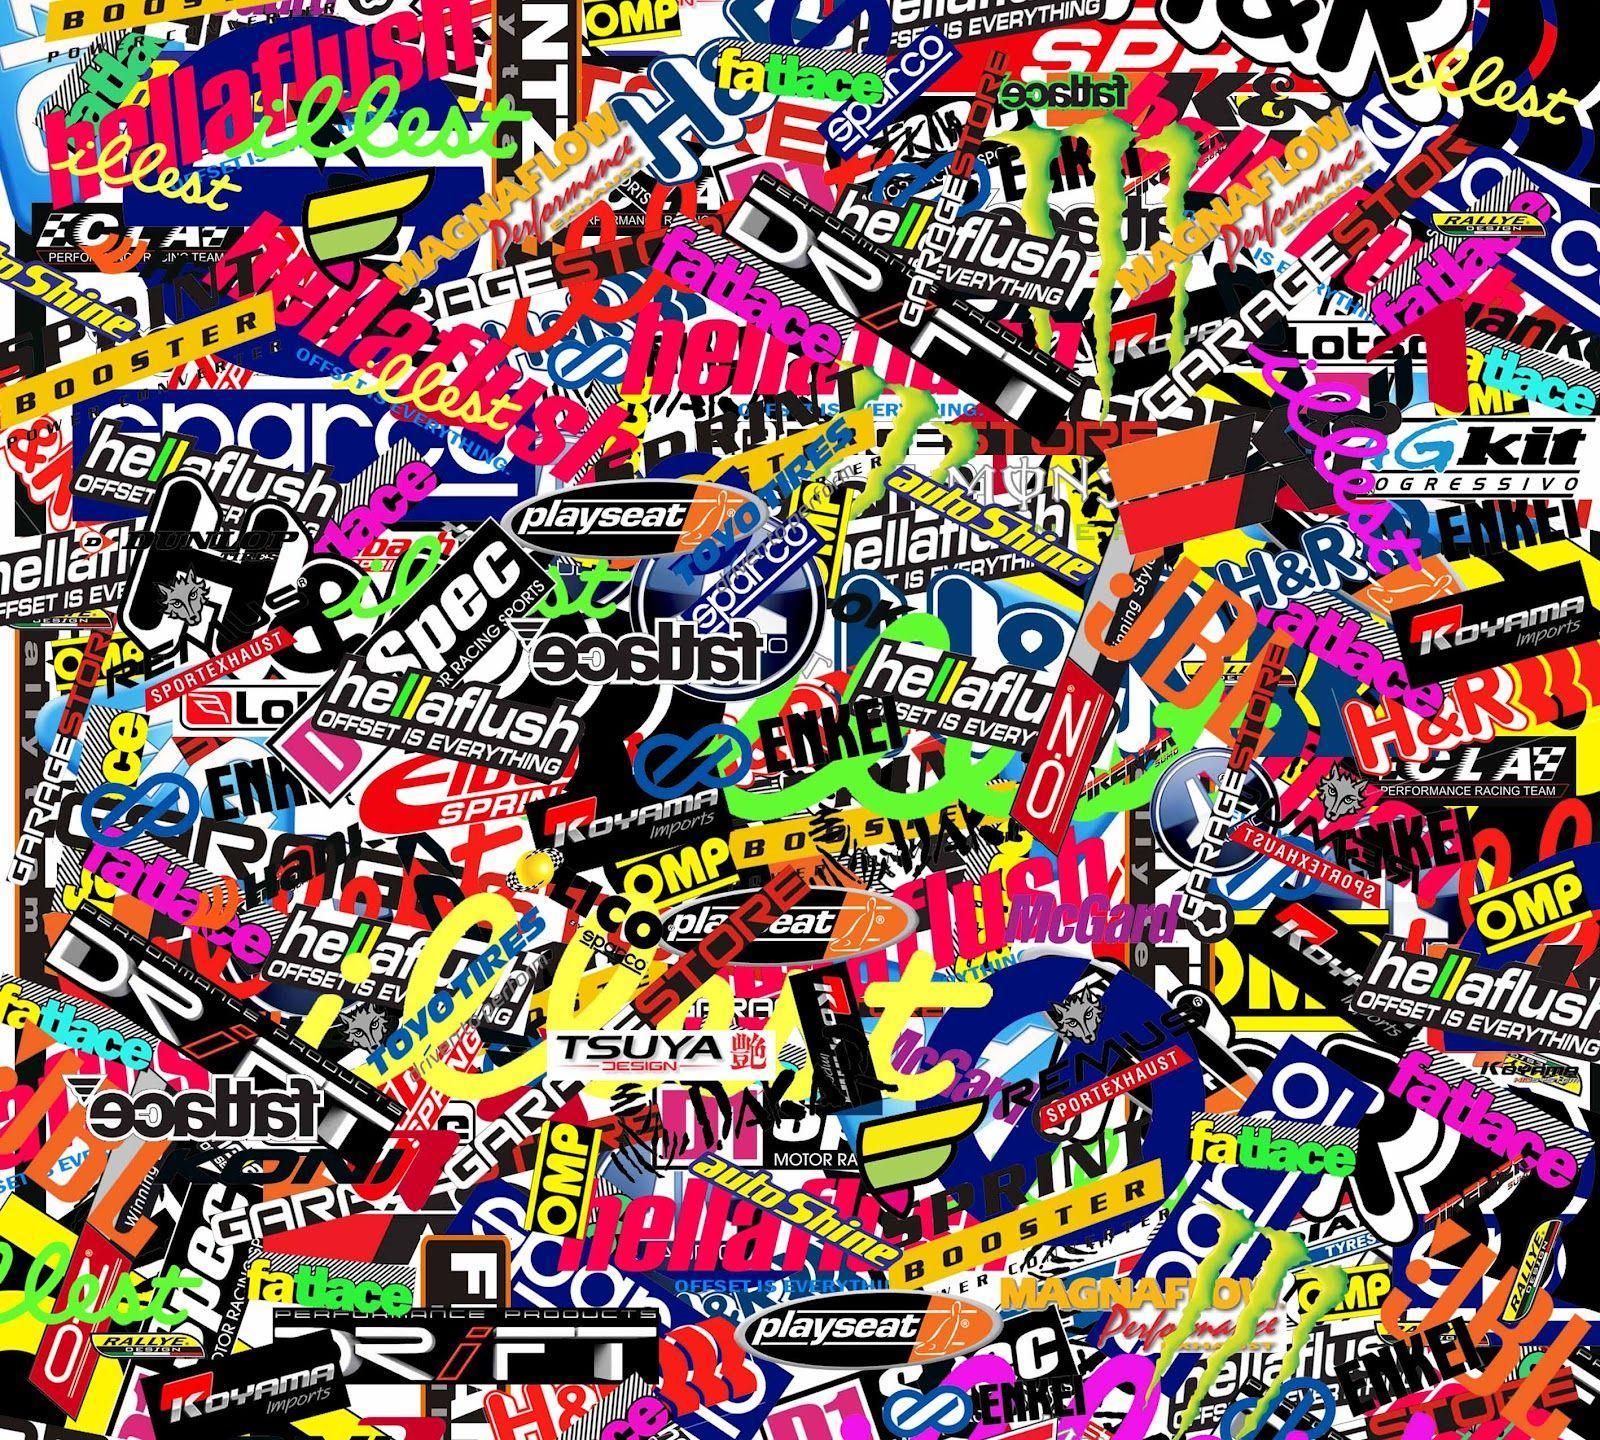 720x1280 smartphonelogo smartphonewallpapers hypebeast